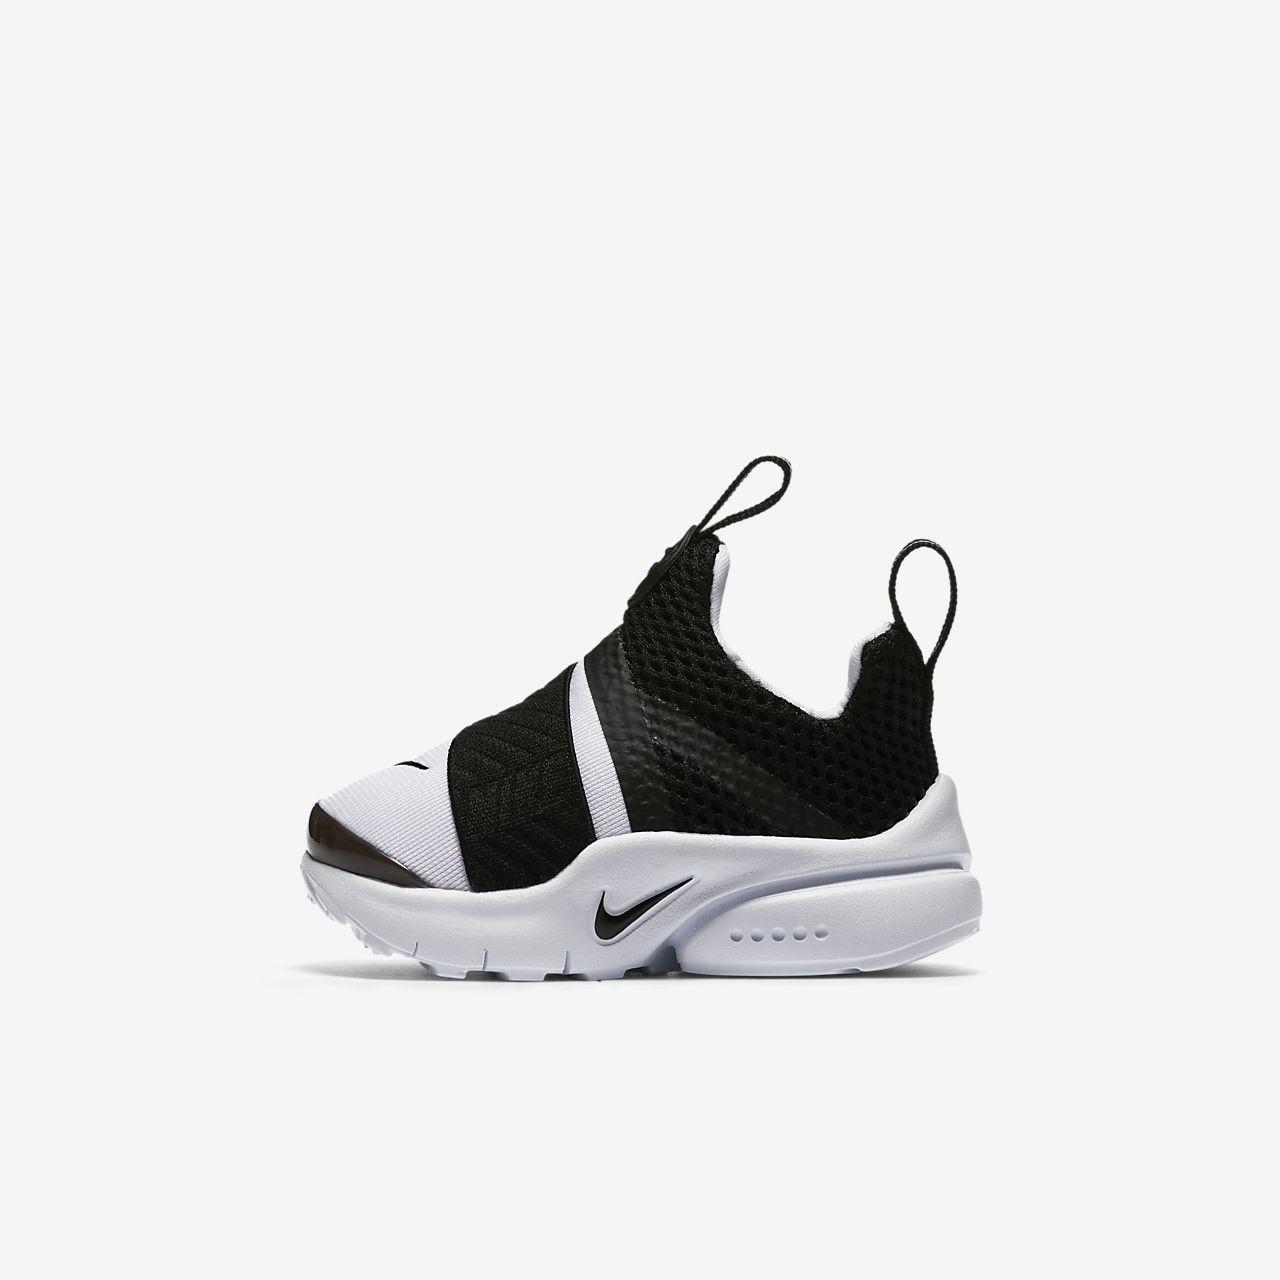 Nike Presto Extreme 嬰幼兒鞋款